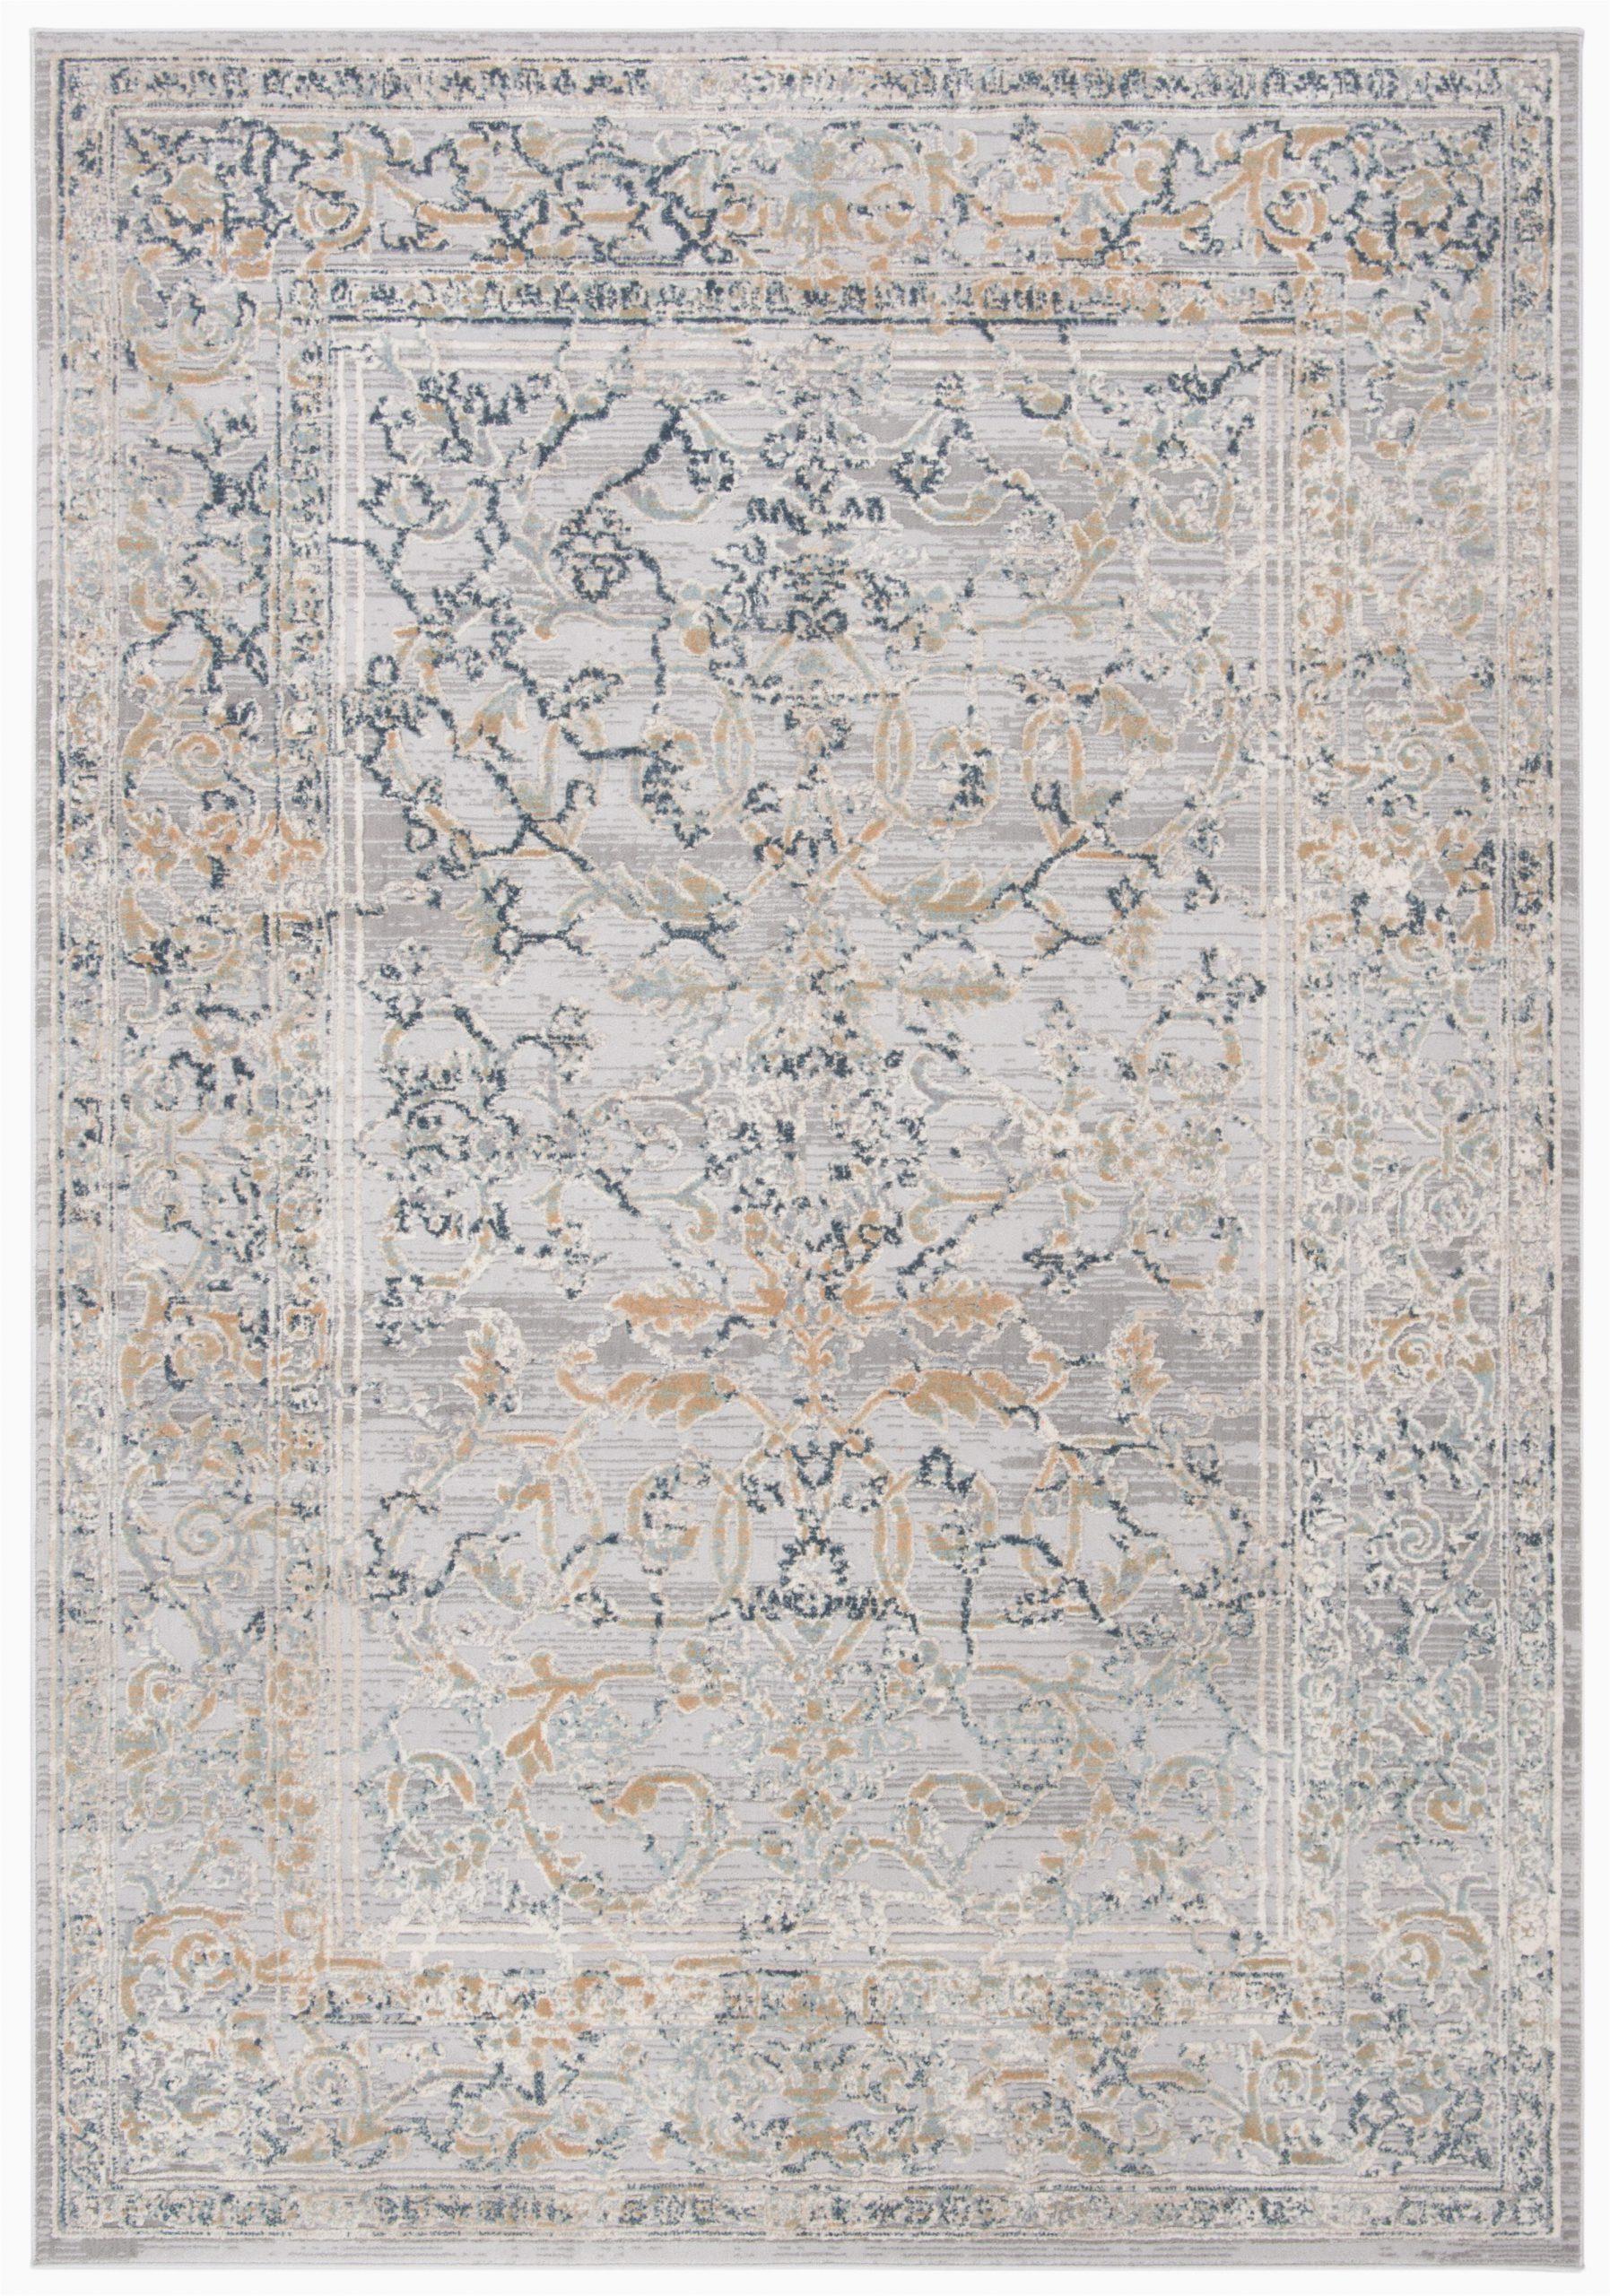 martha stewart rugs martha stewart 687 cream grey area rug w